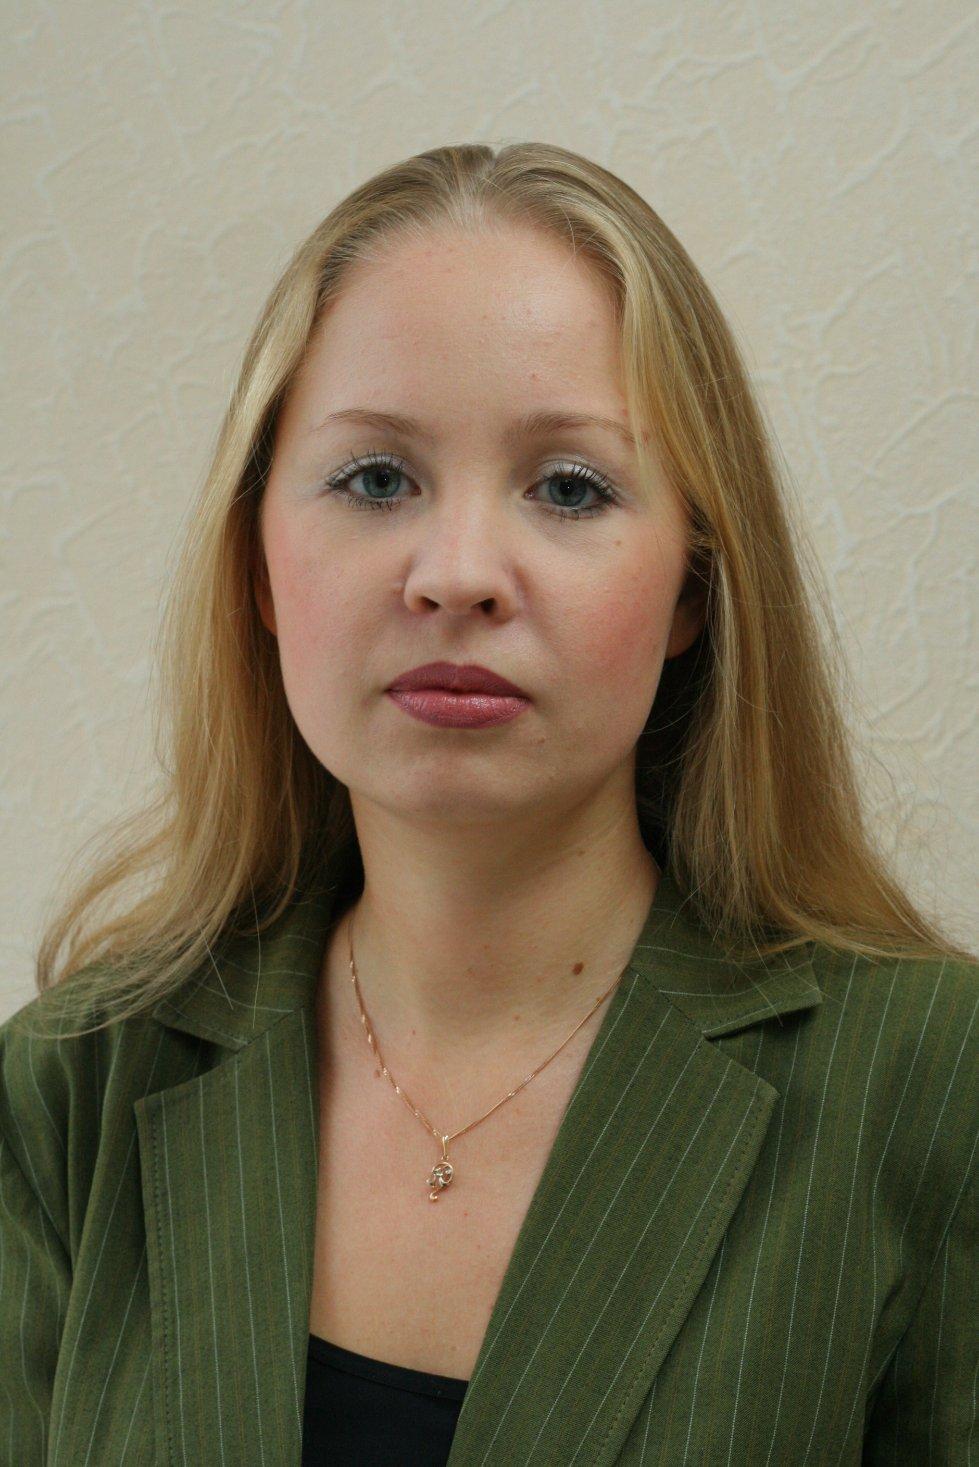 Селивановская Юлия Игоревна